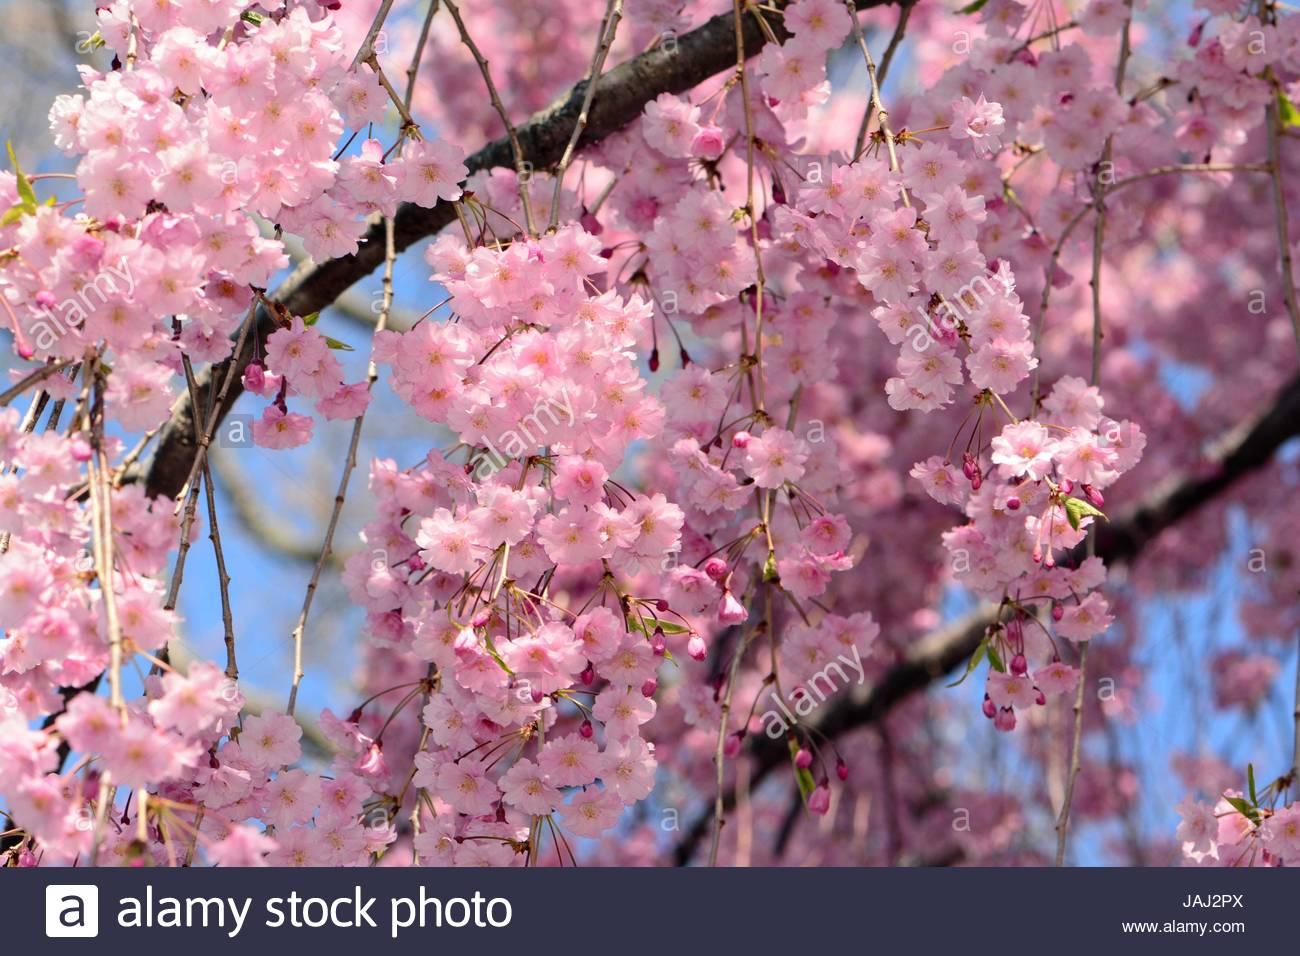 Un énorme affichage floral dans un cerisier pleureur higan, au printemps. Photo Stock